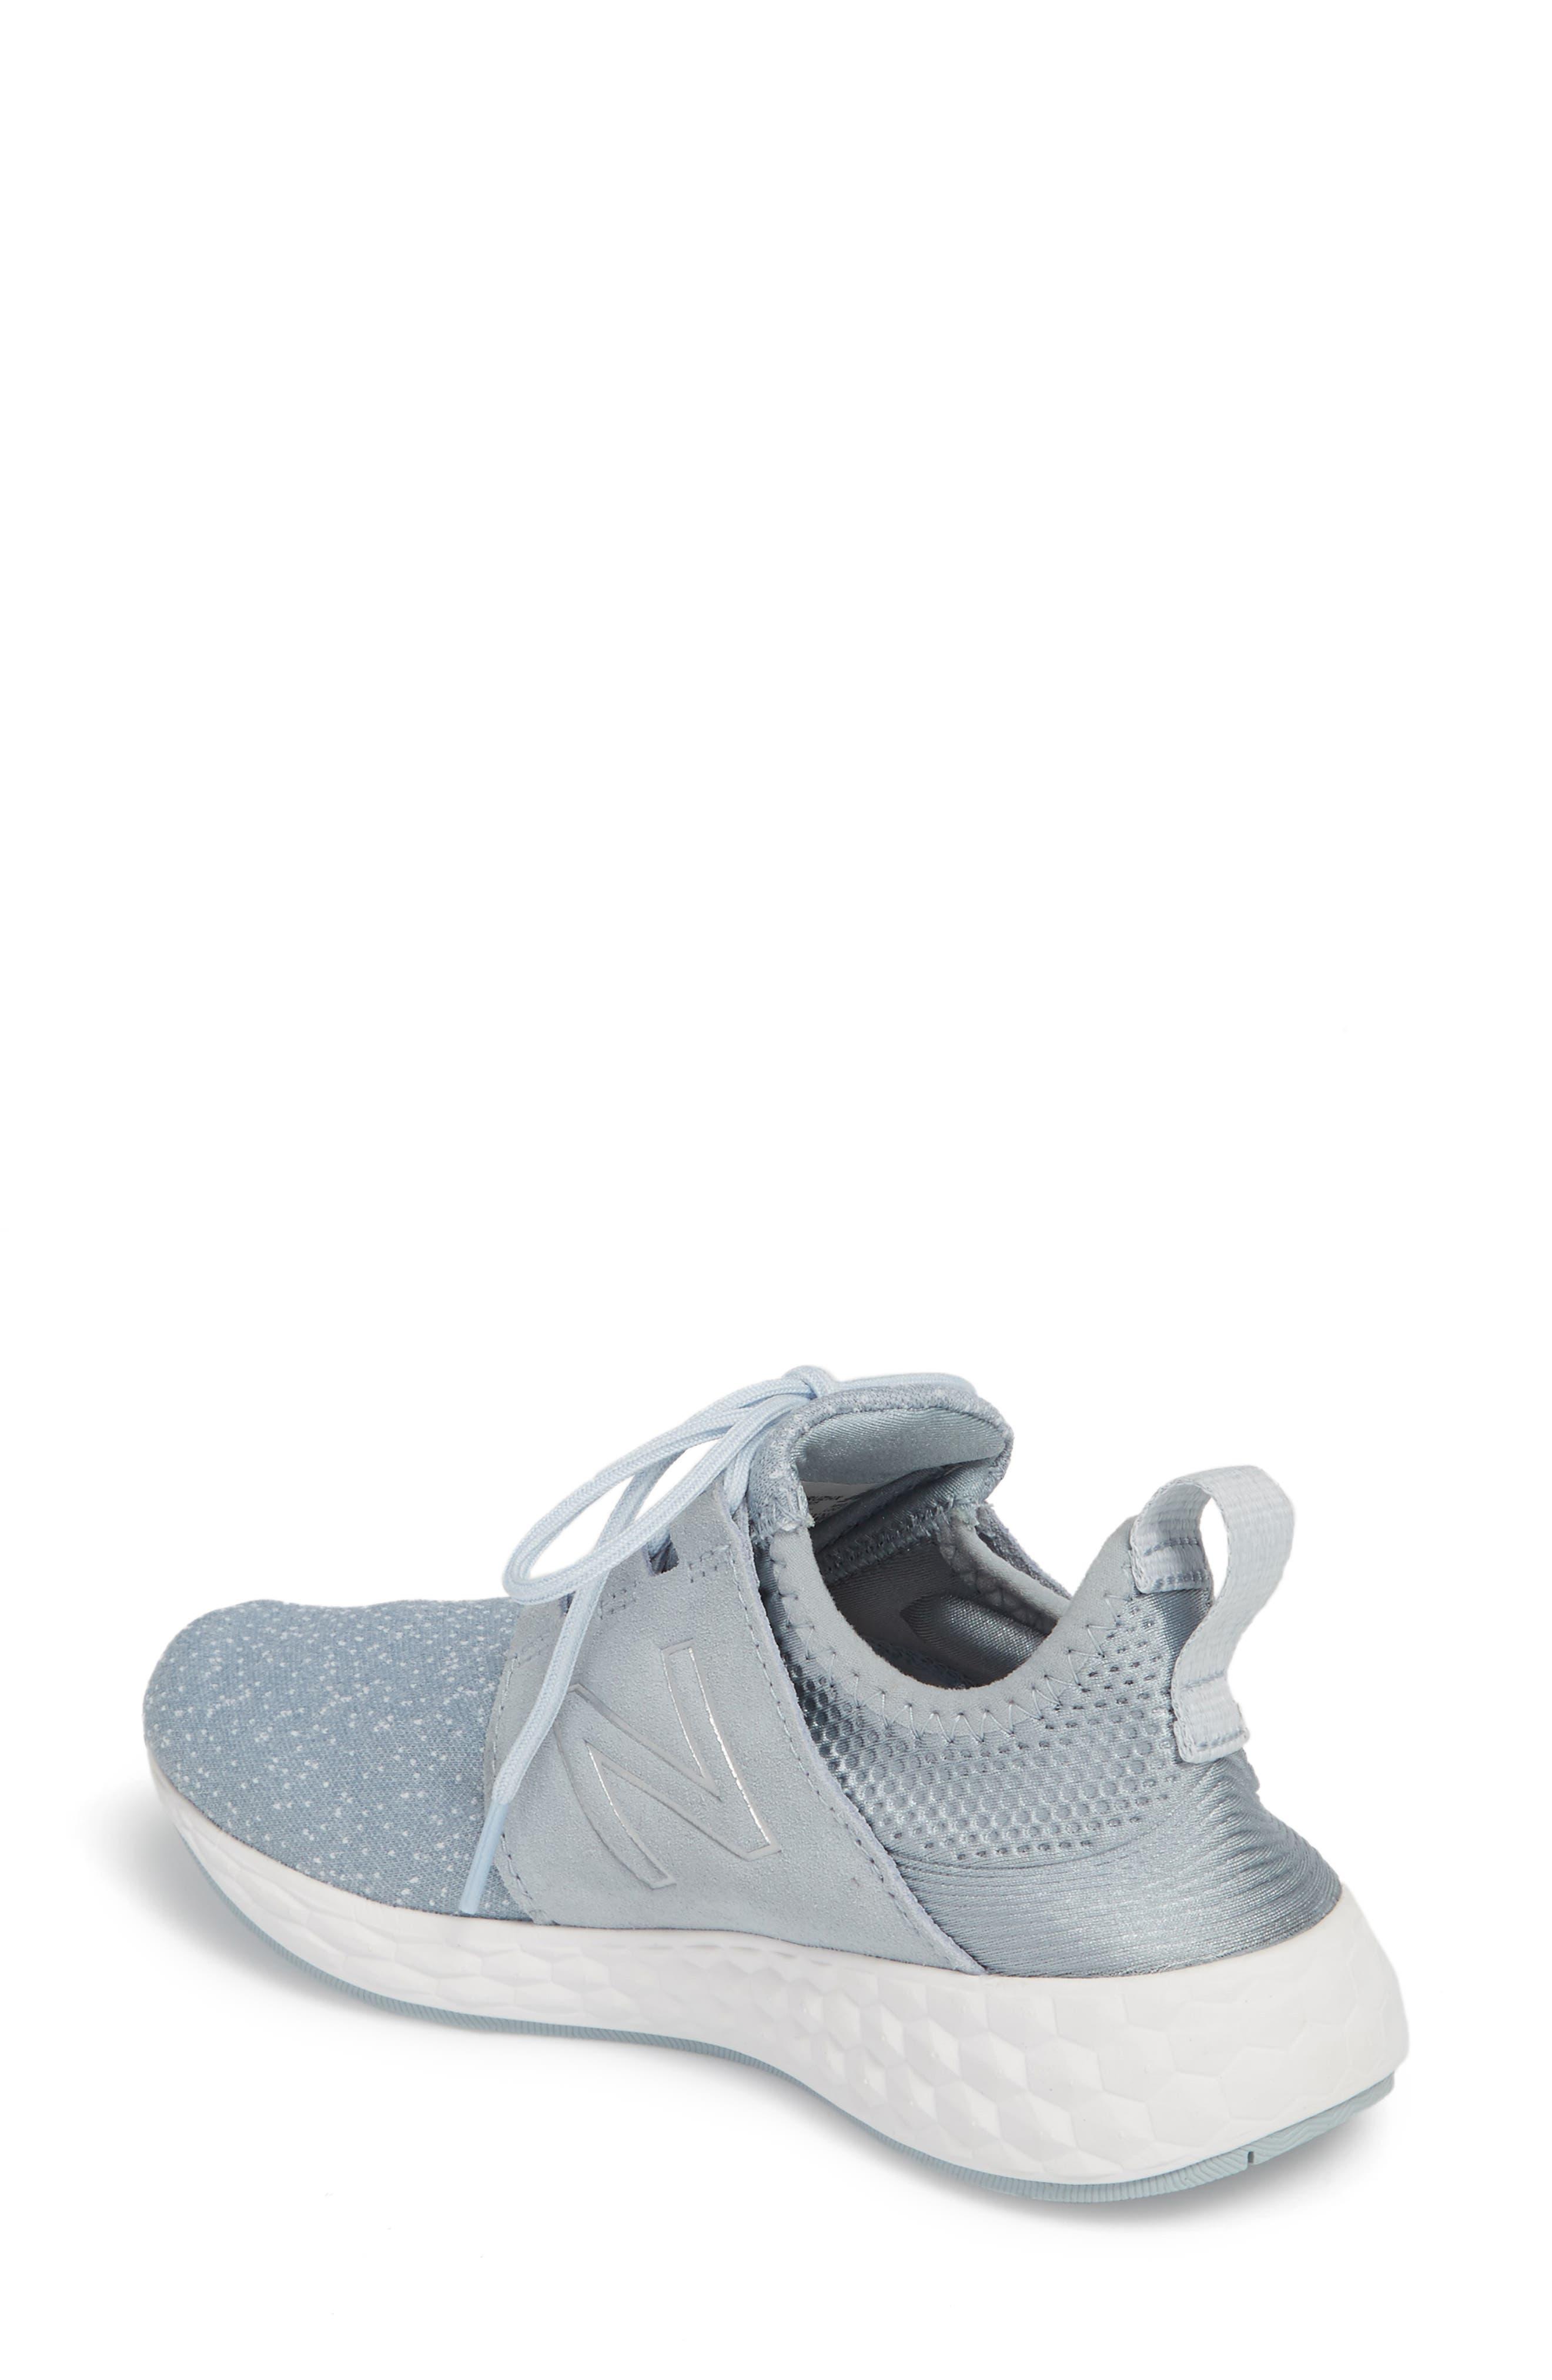 Fresh Foam Cruz Running Shoe,                             Alternate thumbnail 2, color,                             Light Slate